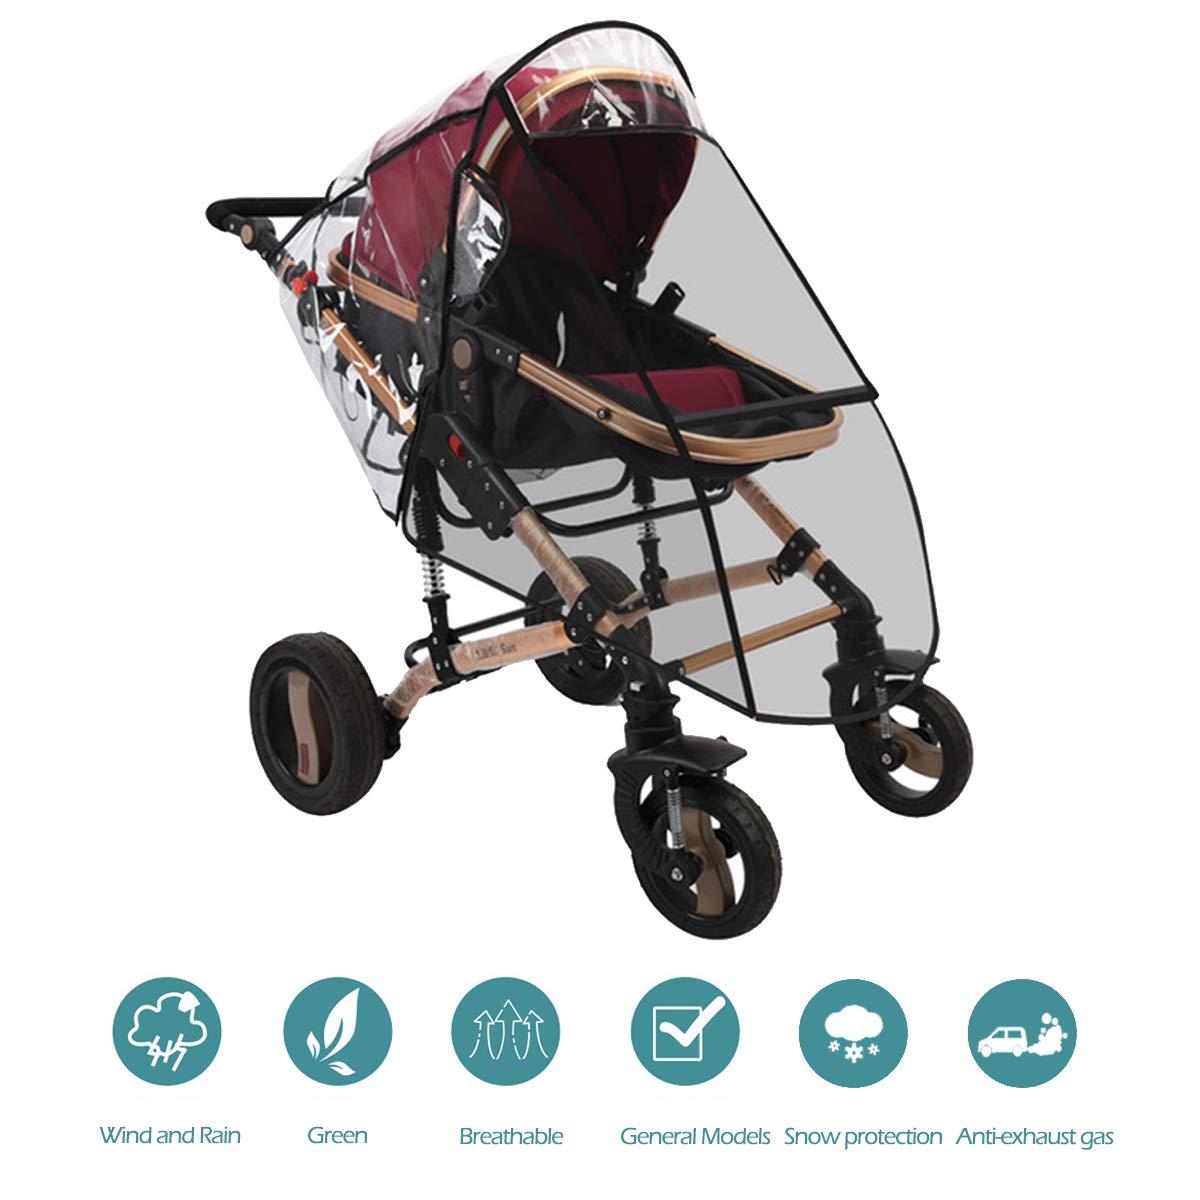 Gris Protector de Lluvia para Beb/és para Cremallera EVA Transparente y a Prueba de Viento a Prueba de Agua Polvo de Nieve Funda de Lluvia Universal,Cubierta de lluvia cochecito